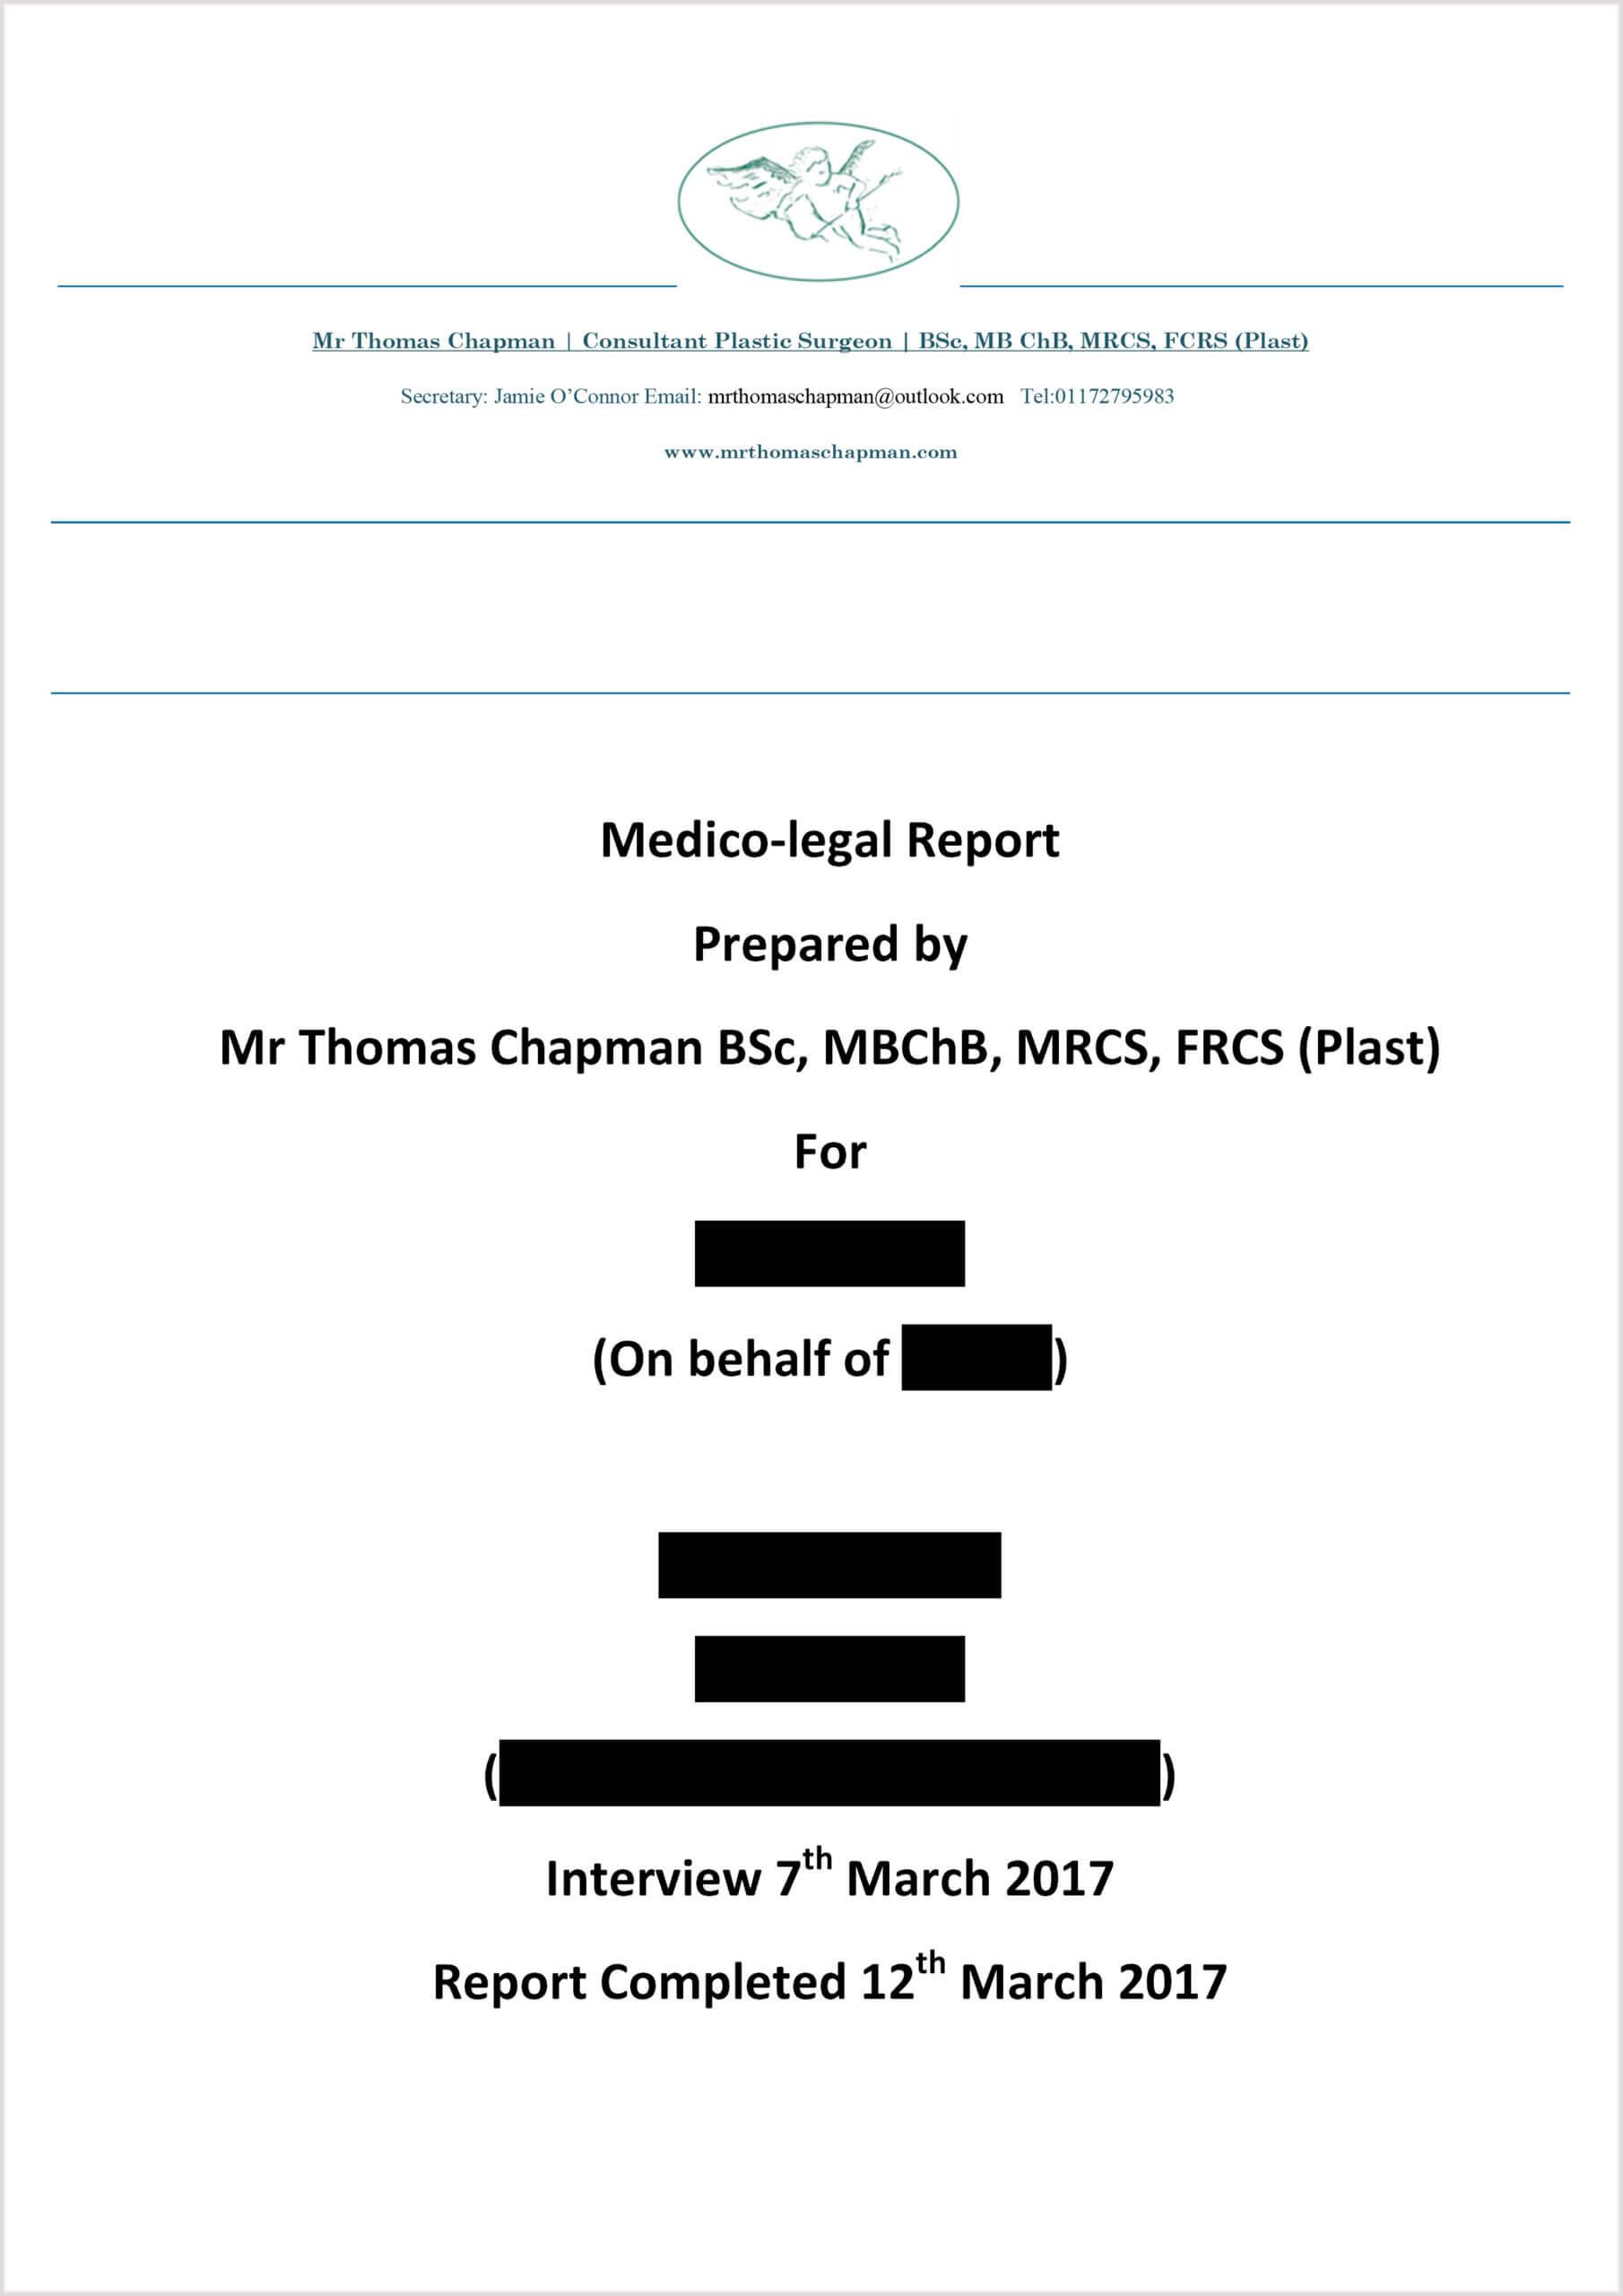 Medicolegal Reporting - Mr Thomas Chapman Pertaining To Medical Legal Report Template